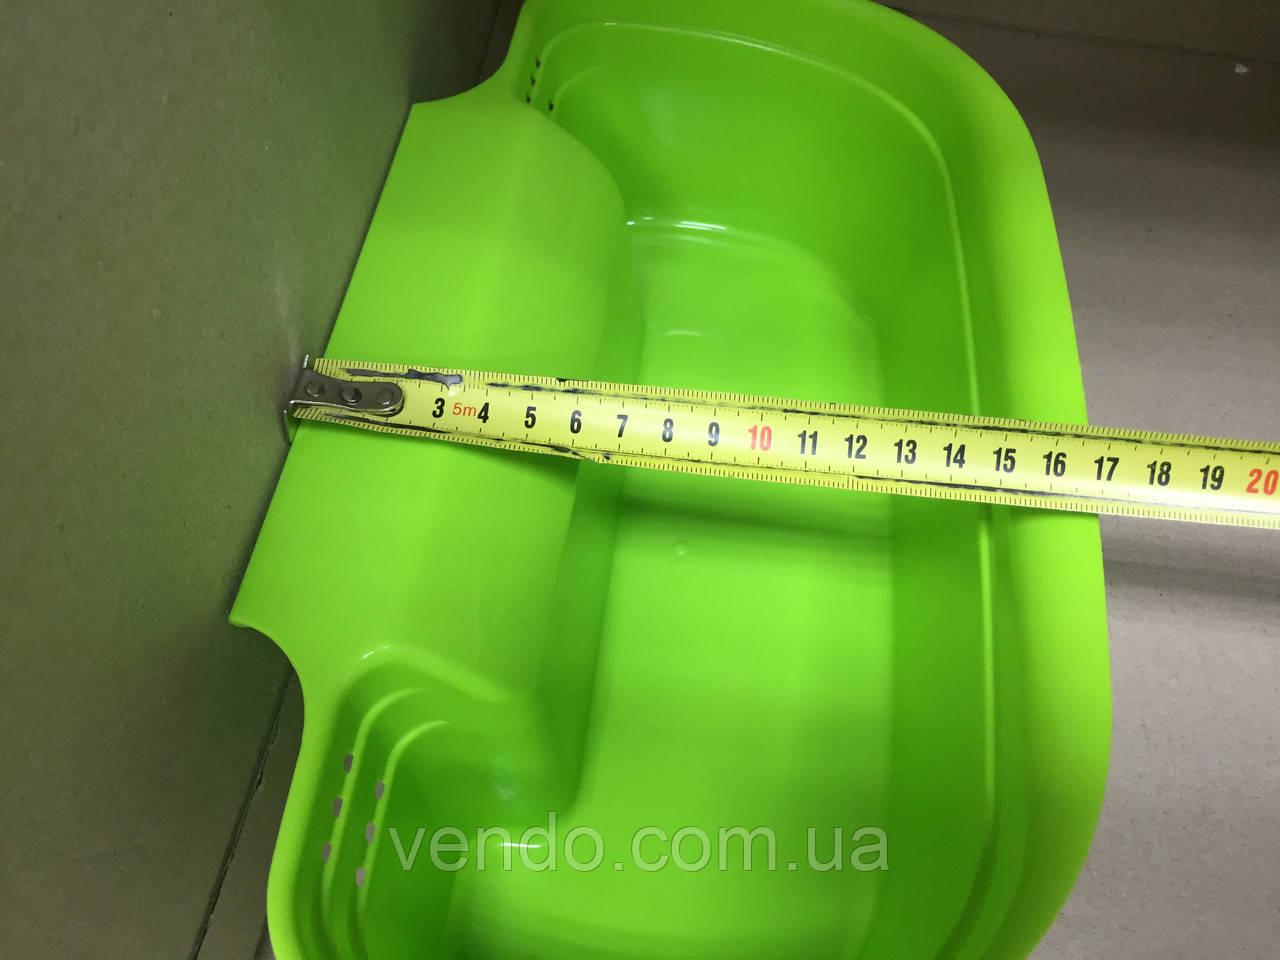 Ведро-контейнер навесное на дверцу мебели для мелкого мусора 8